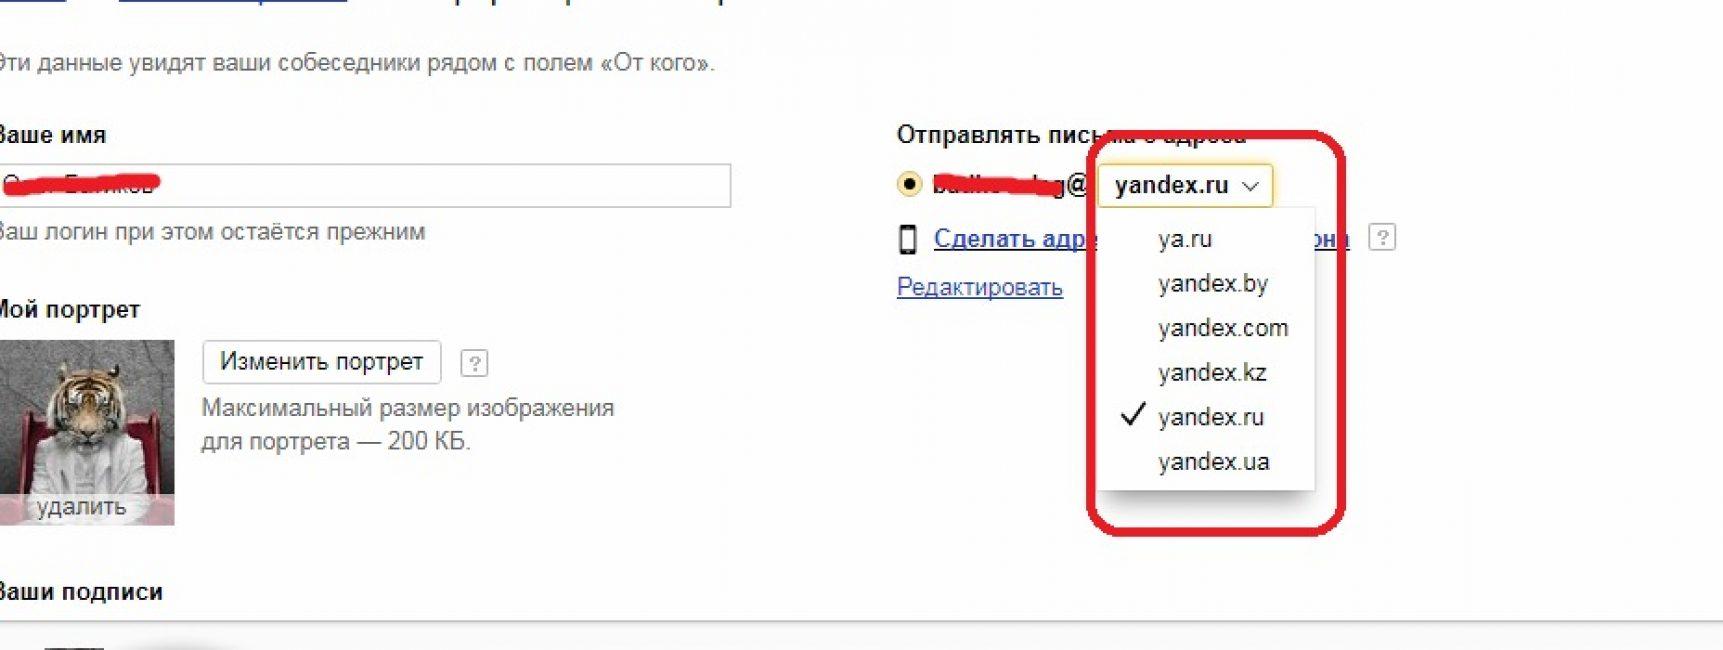 Яндекс Почта - Полнейшая инструкция по регистрации и настройке (2018)